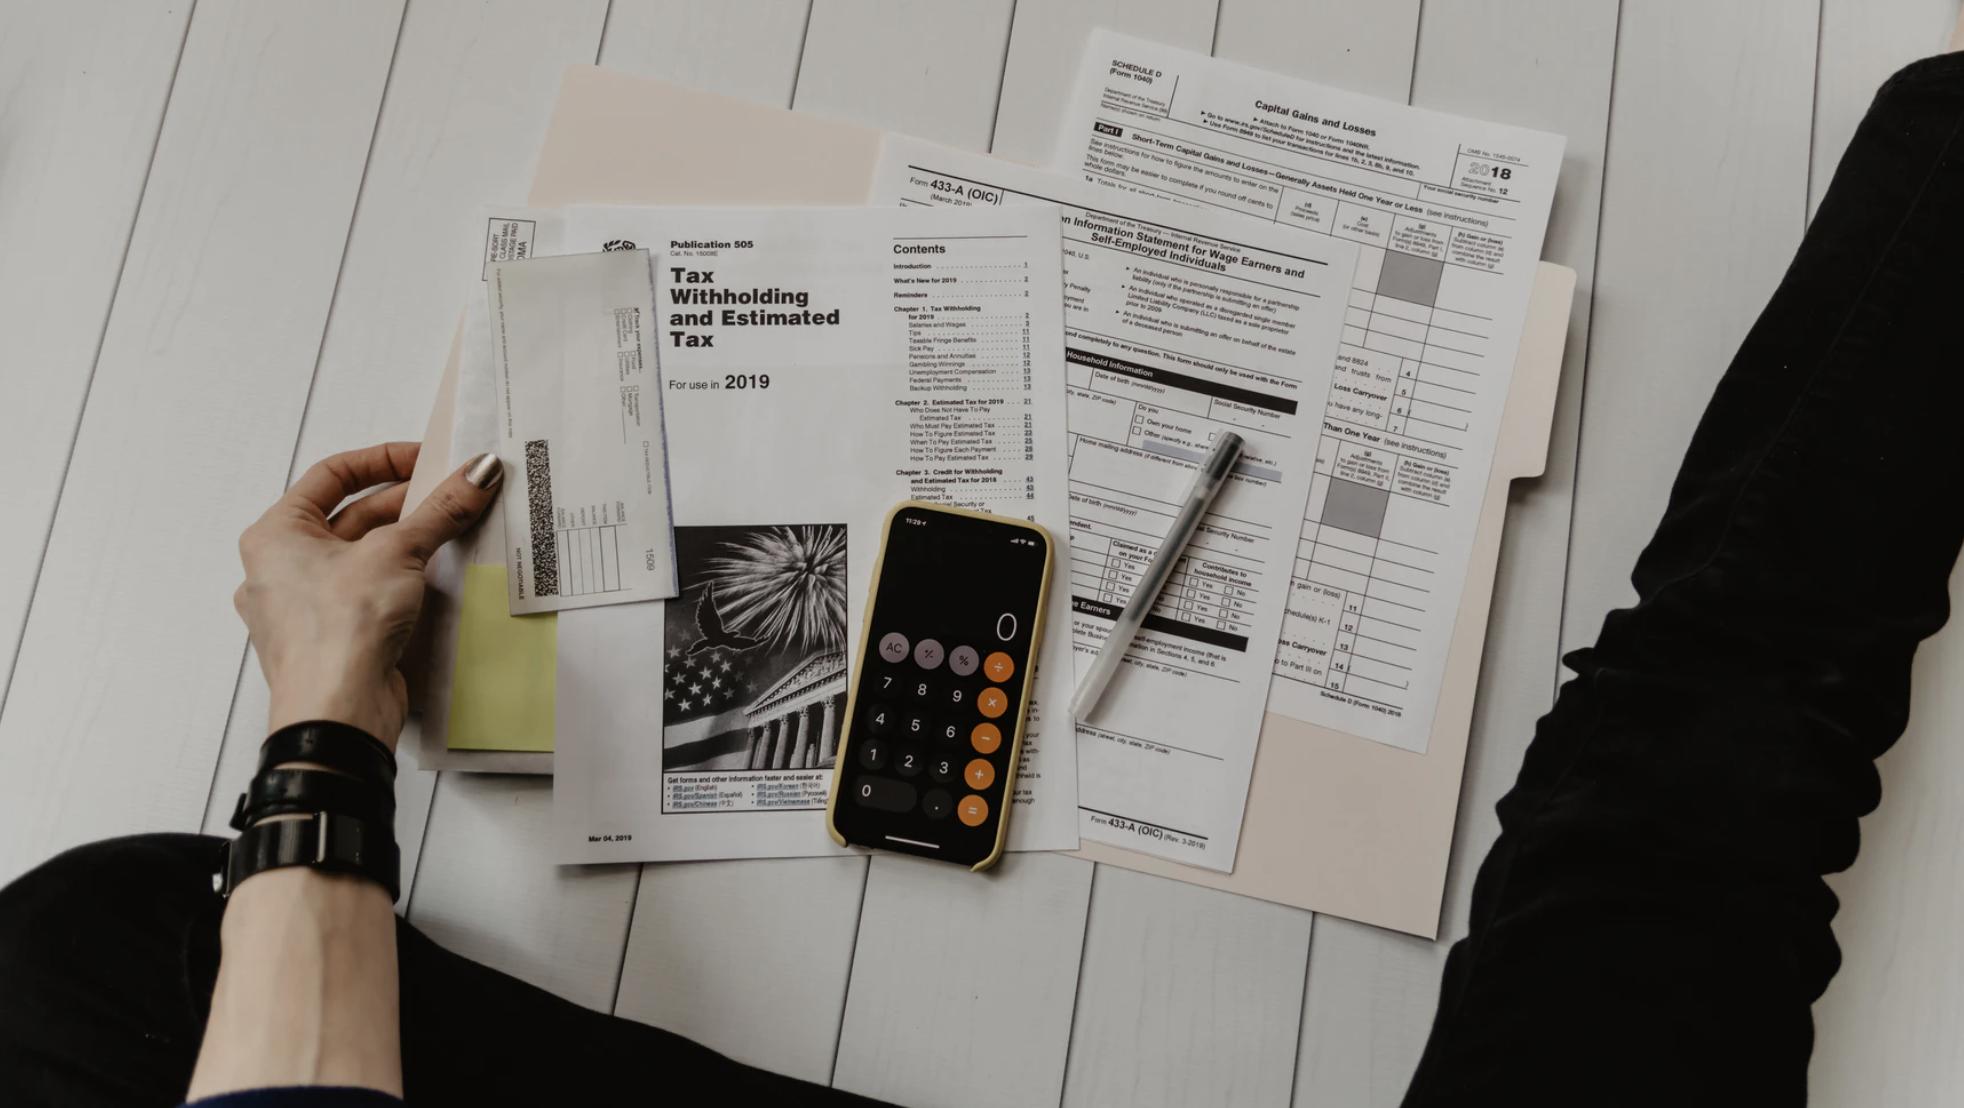 mOrganizer finansów - nowoczesne narzędzie do prowadzenia biznesu i zarządzania fakturami w aplikacji mobilnej